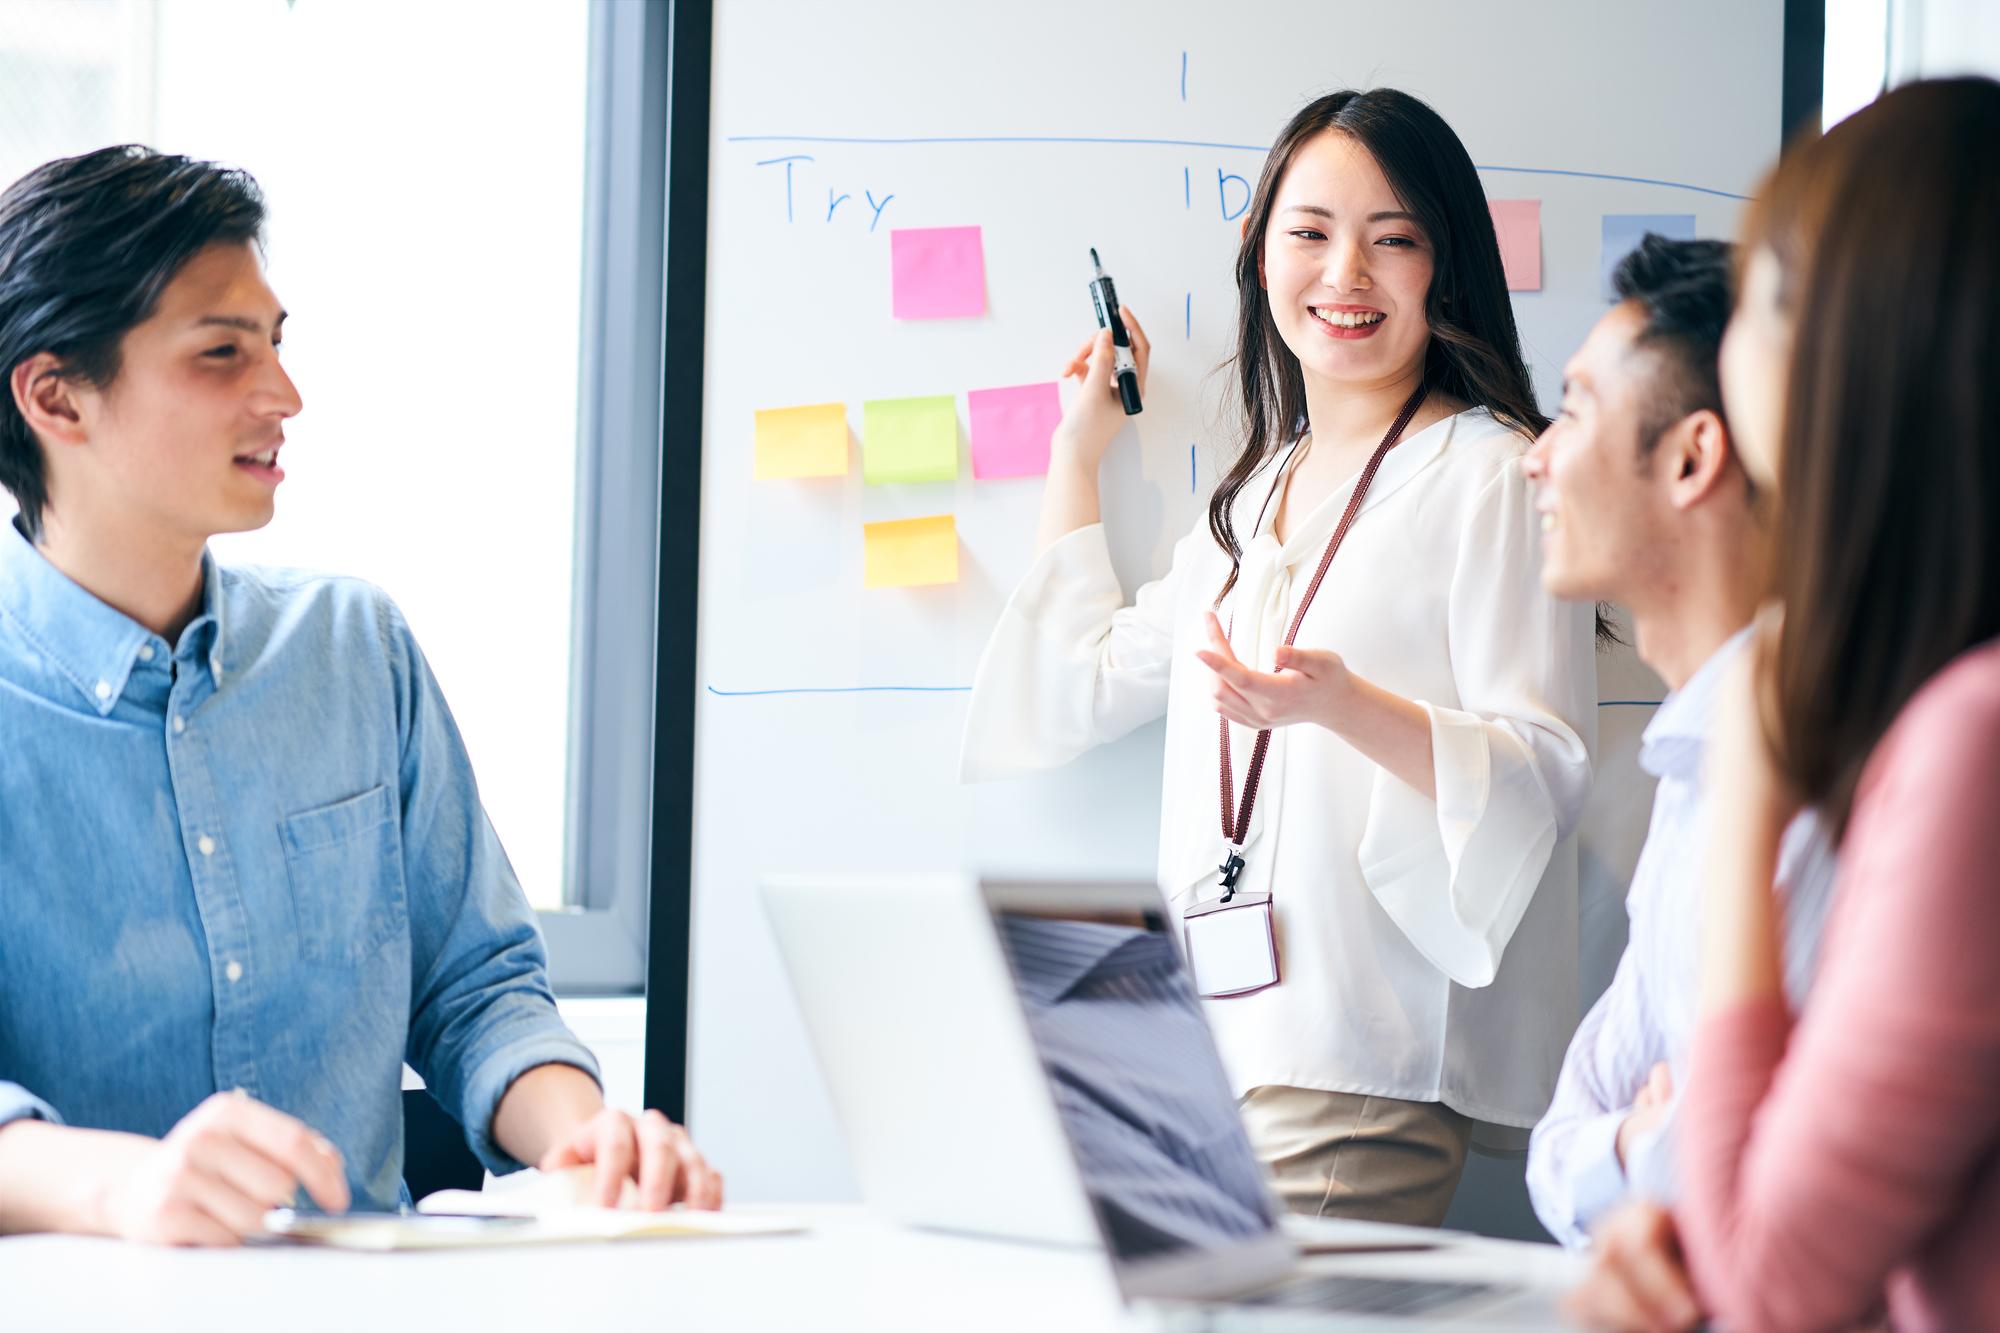 コミュニケーションの課題とは?withコロナのオフィス事情について考えてみた|TIME SHARING|タイムシェアリング|スペースマネジメント|あどばる|adval|SHARING